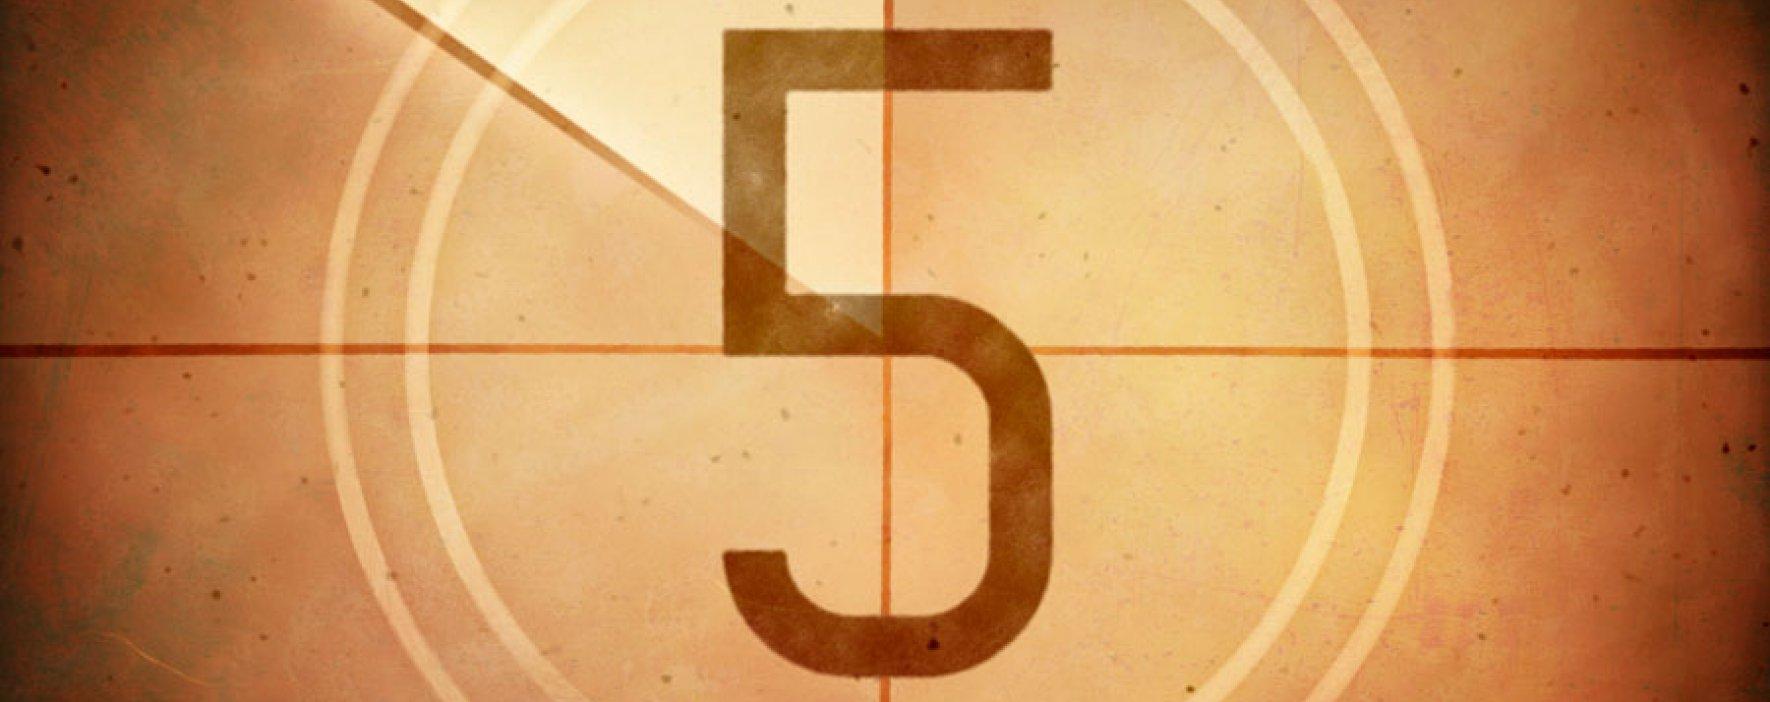 Cinco pasos para elegir un posgrado